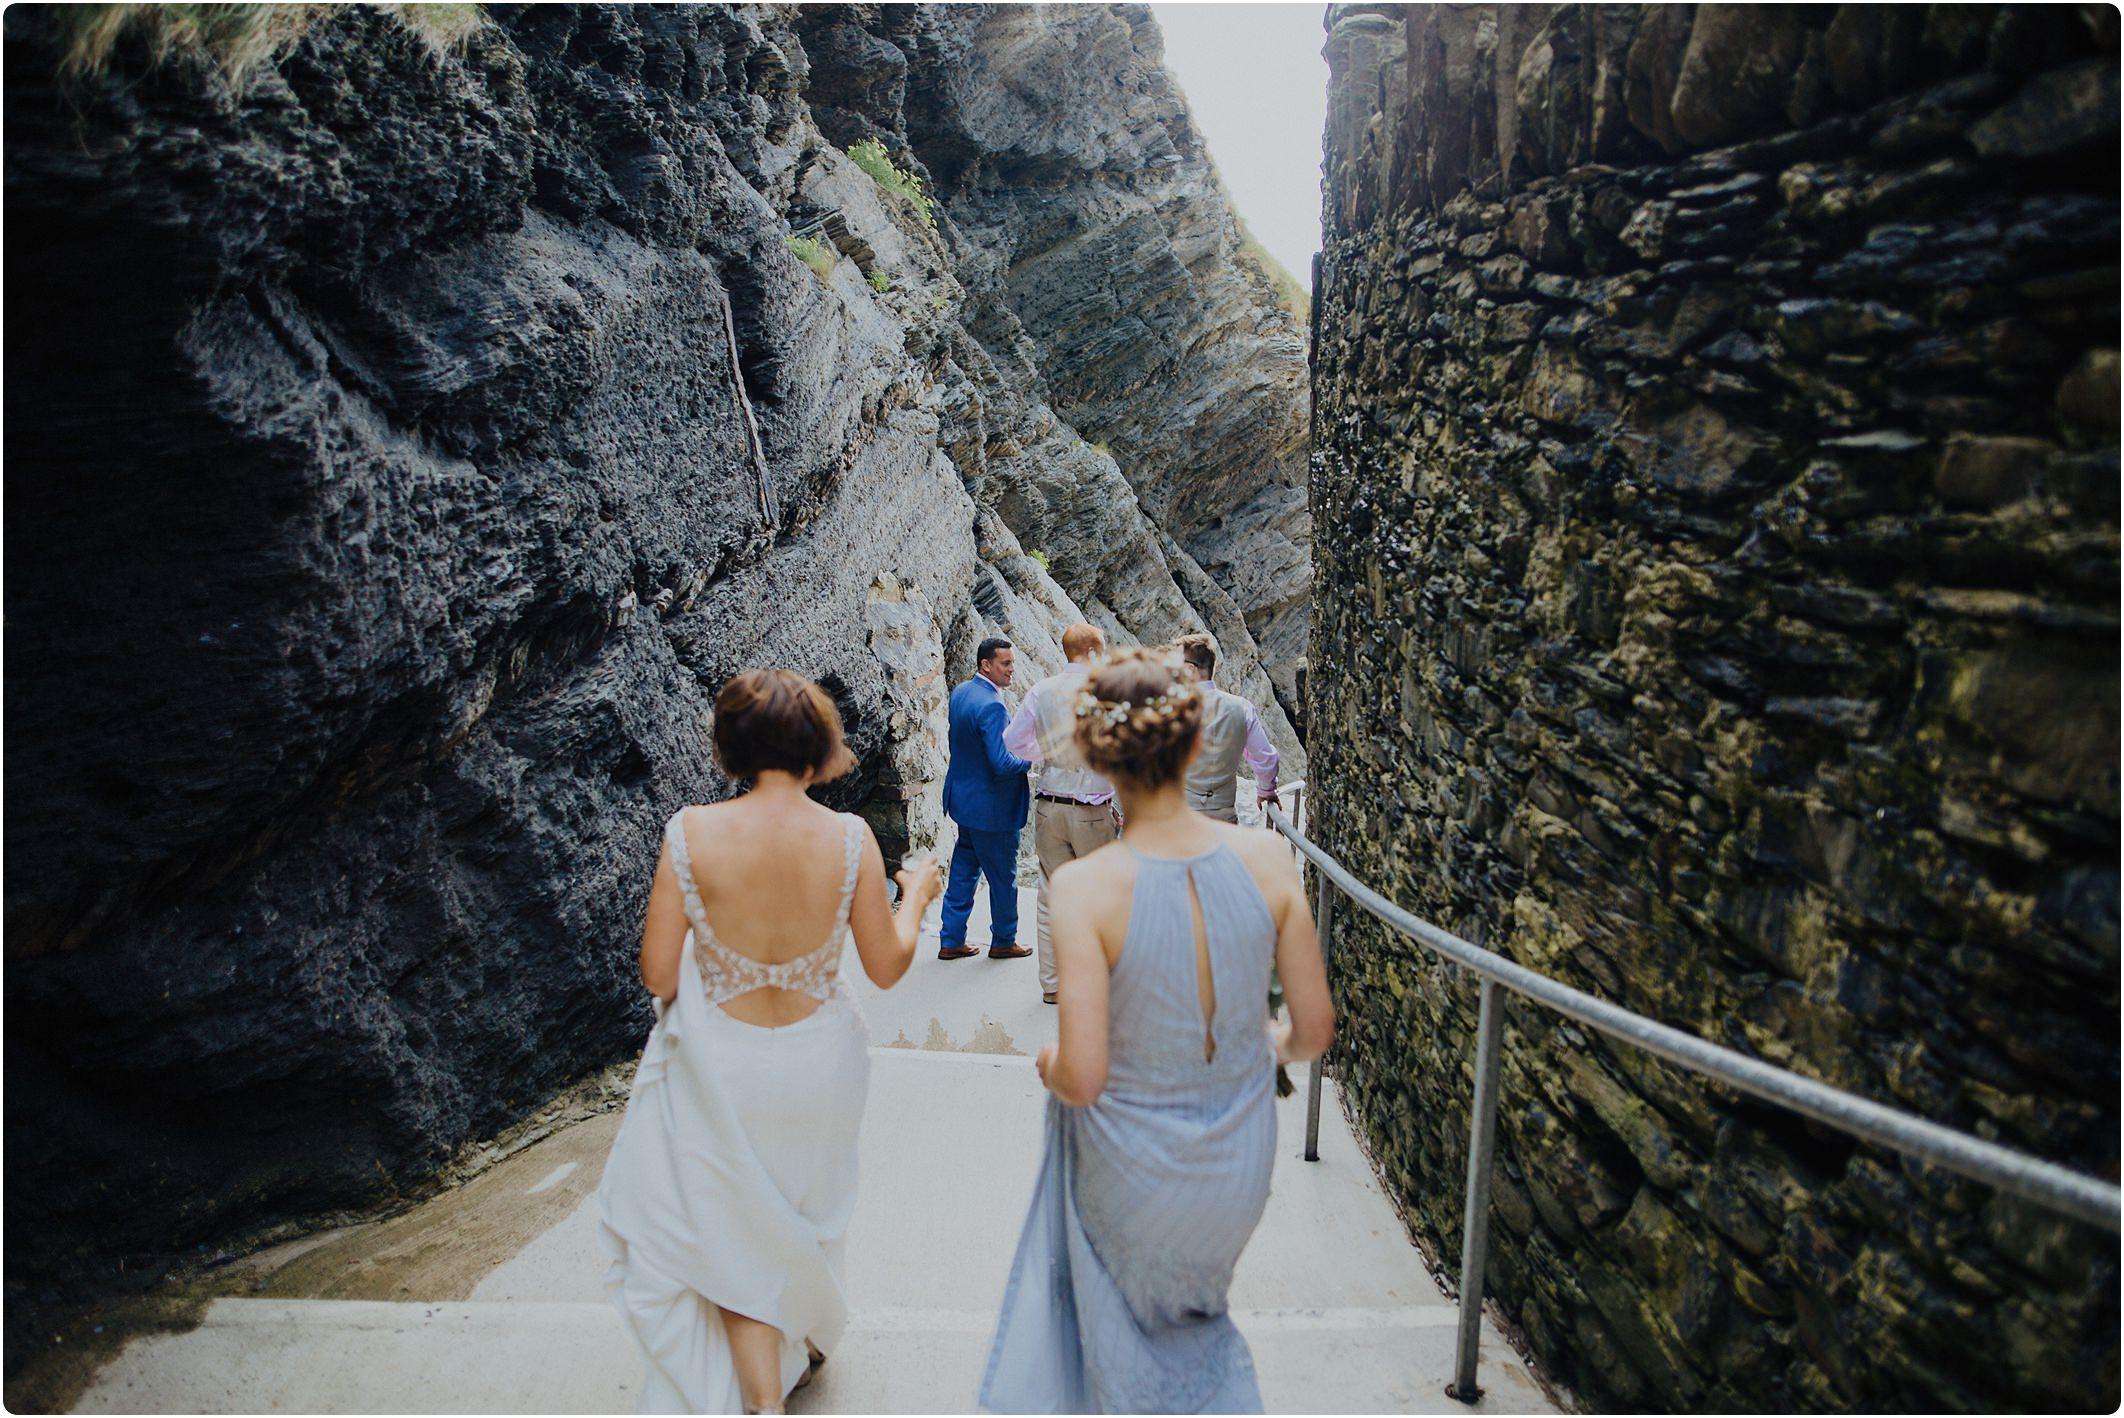 the walk down to the beach at a tunnels beach wedding